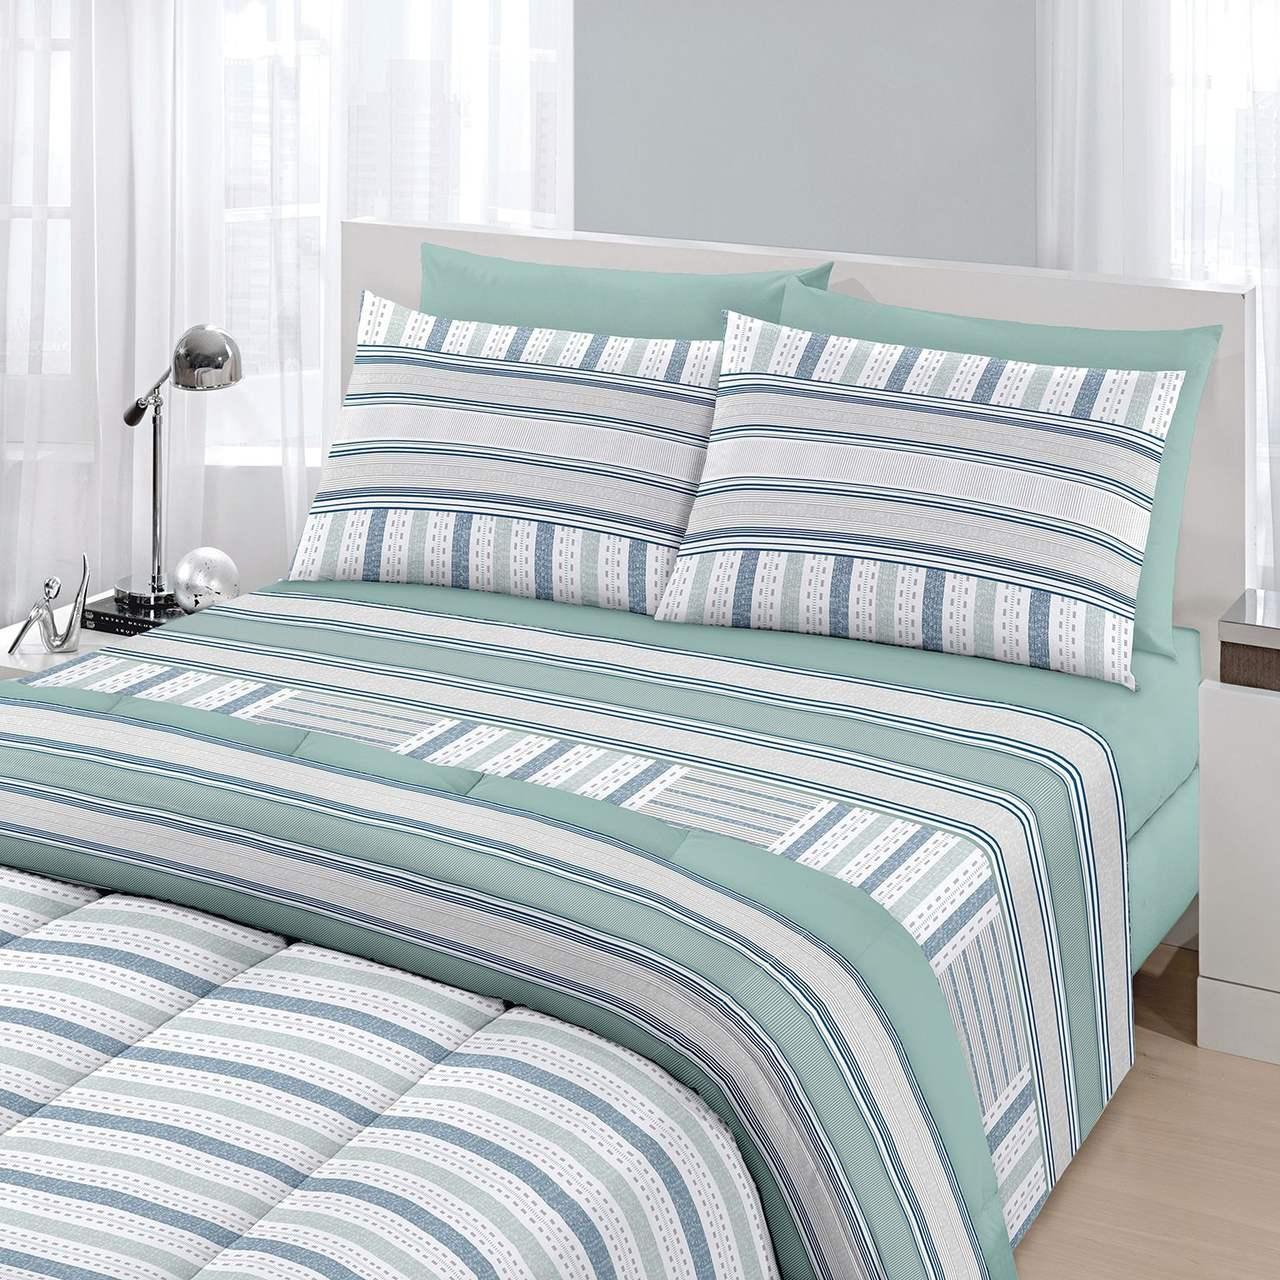 Jogo de cama solteiro Royal Boston 1 100% algodão estampado verde  - Santista